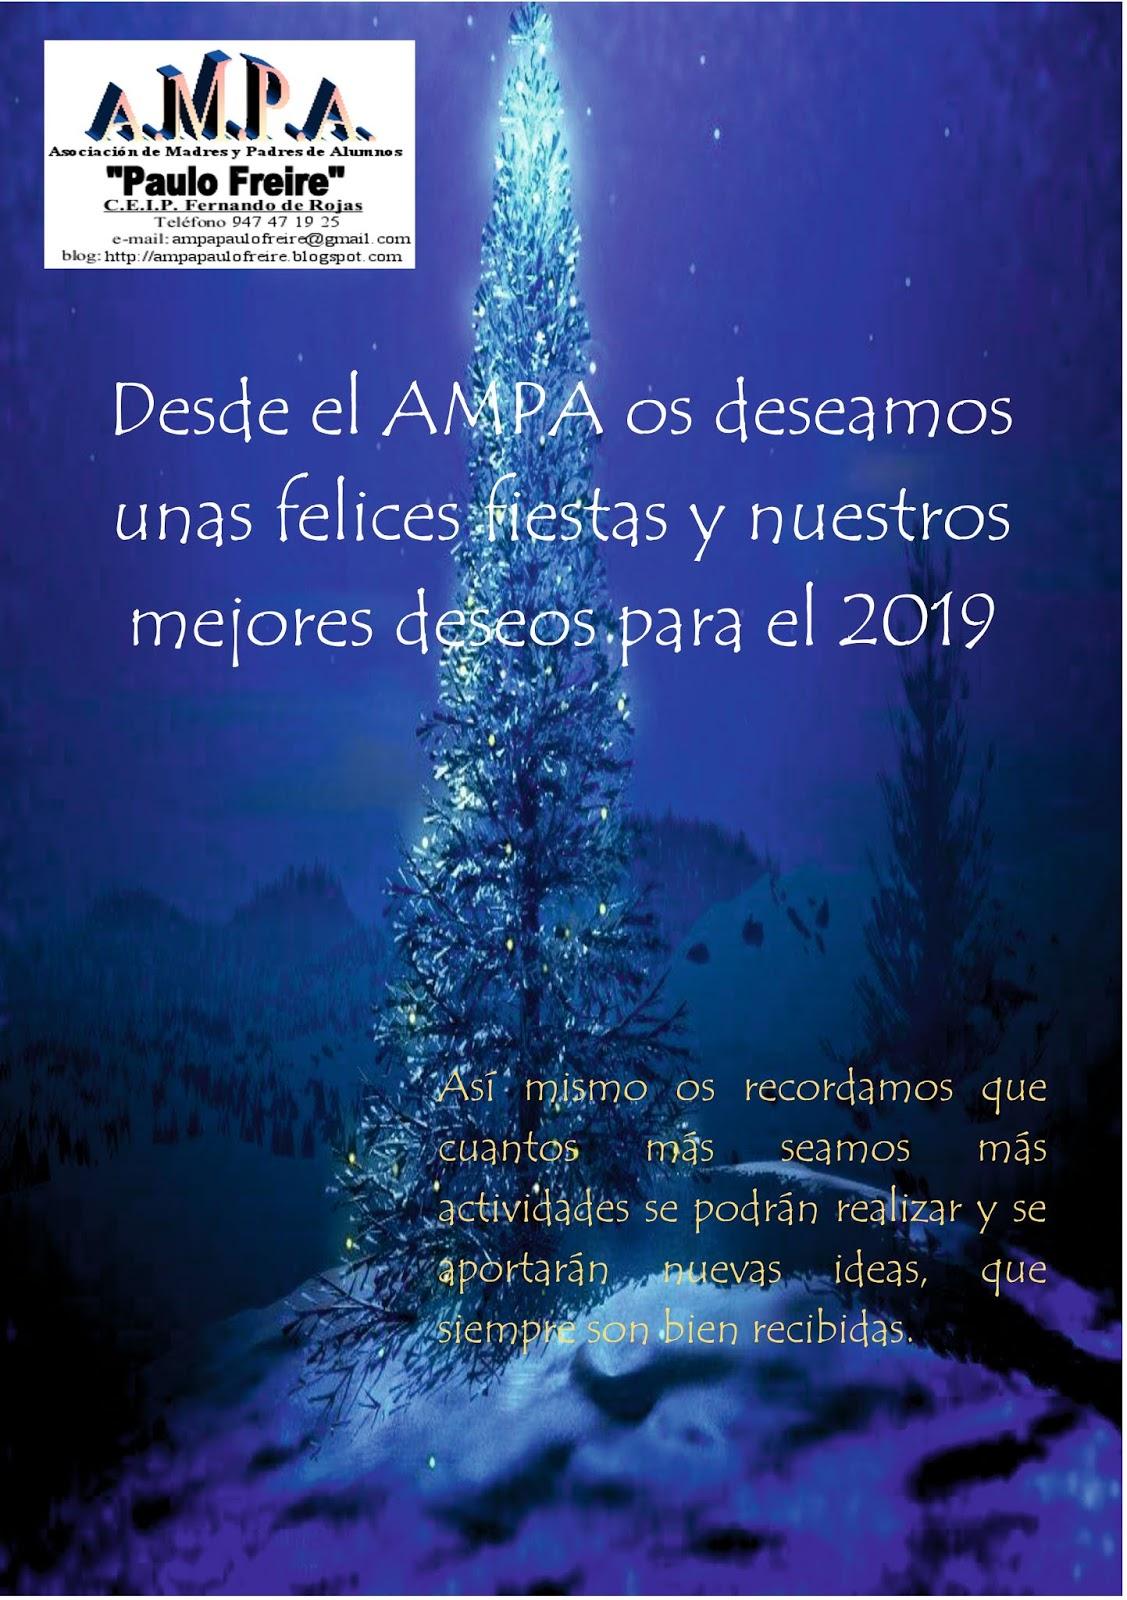 Feliz Navidad Siempre Asi.Ampa Paulo Freire Feliz Navidad Y Prospero Ano Nuevo